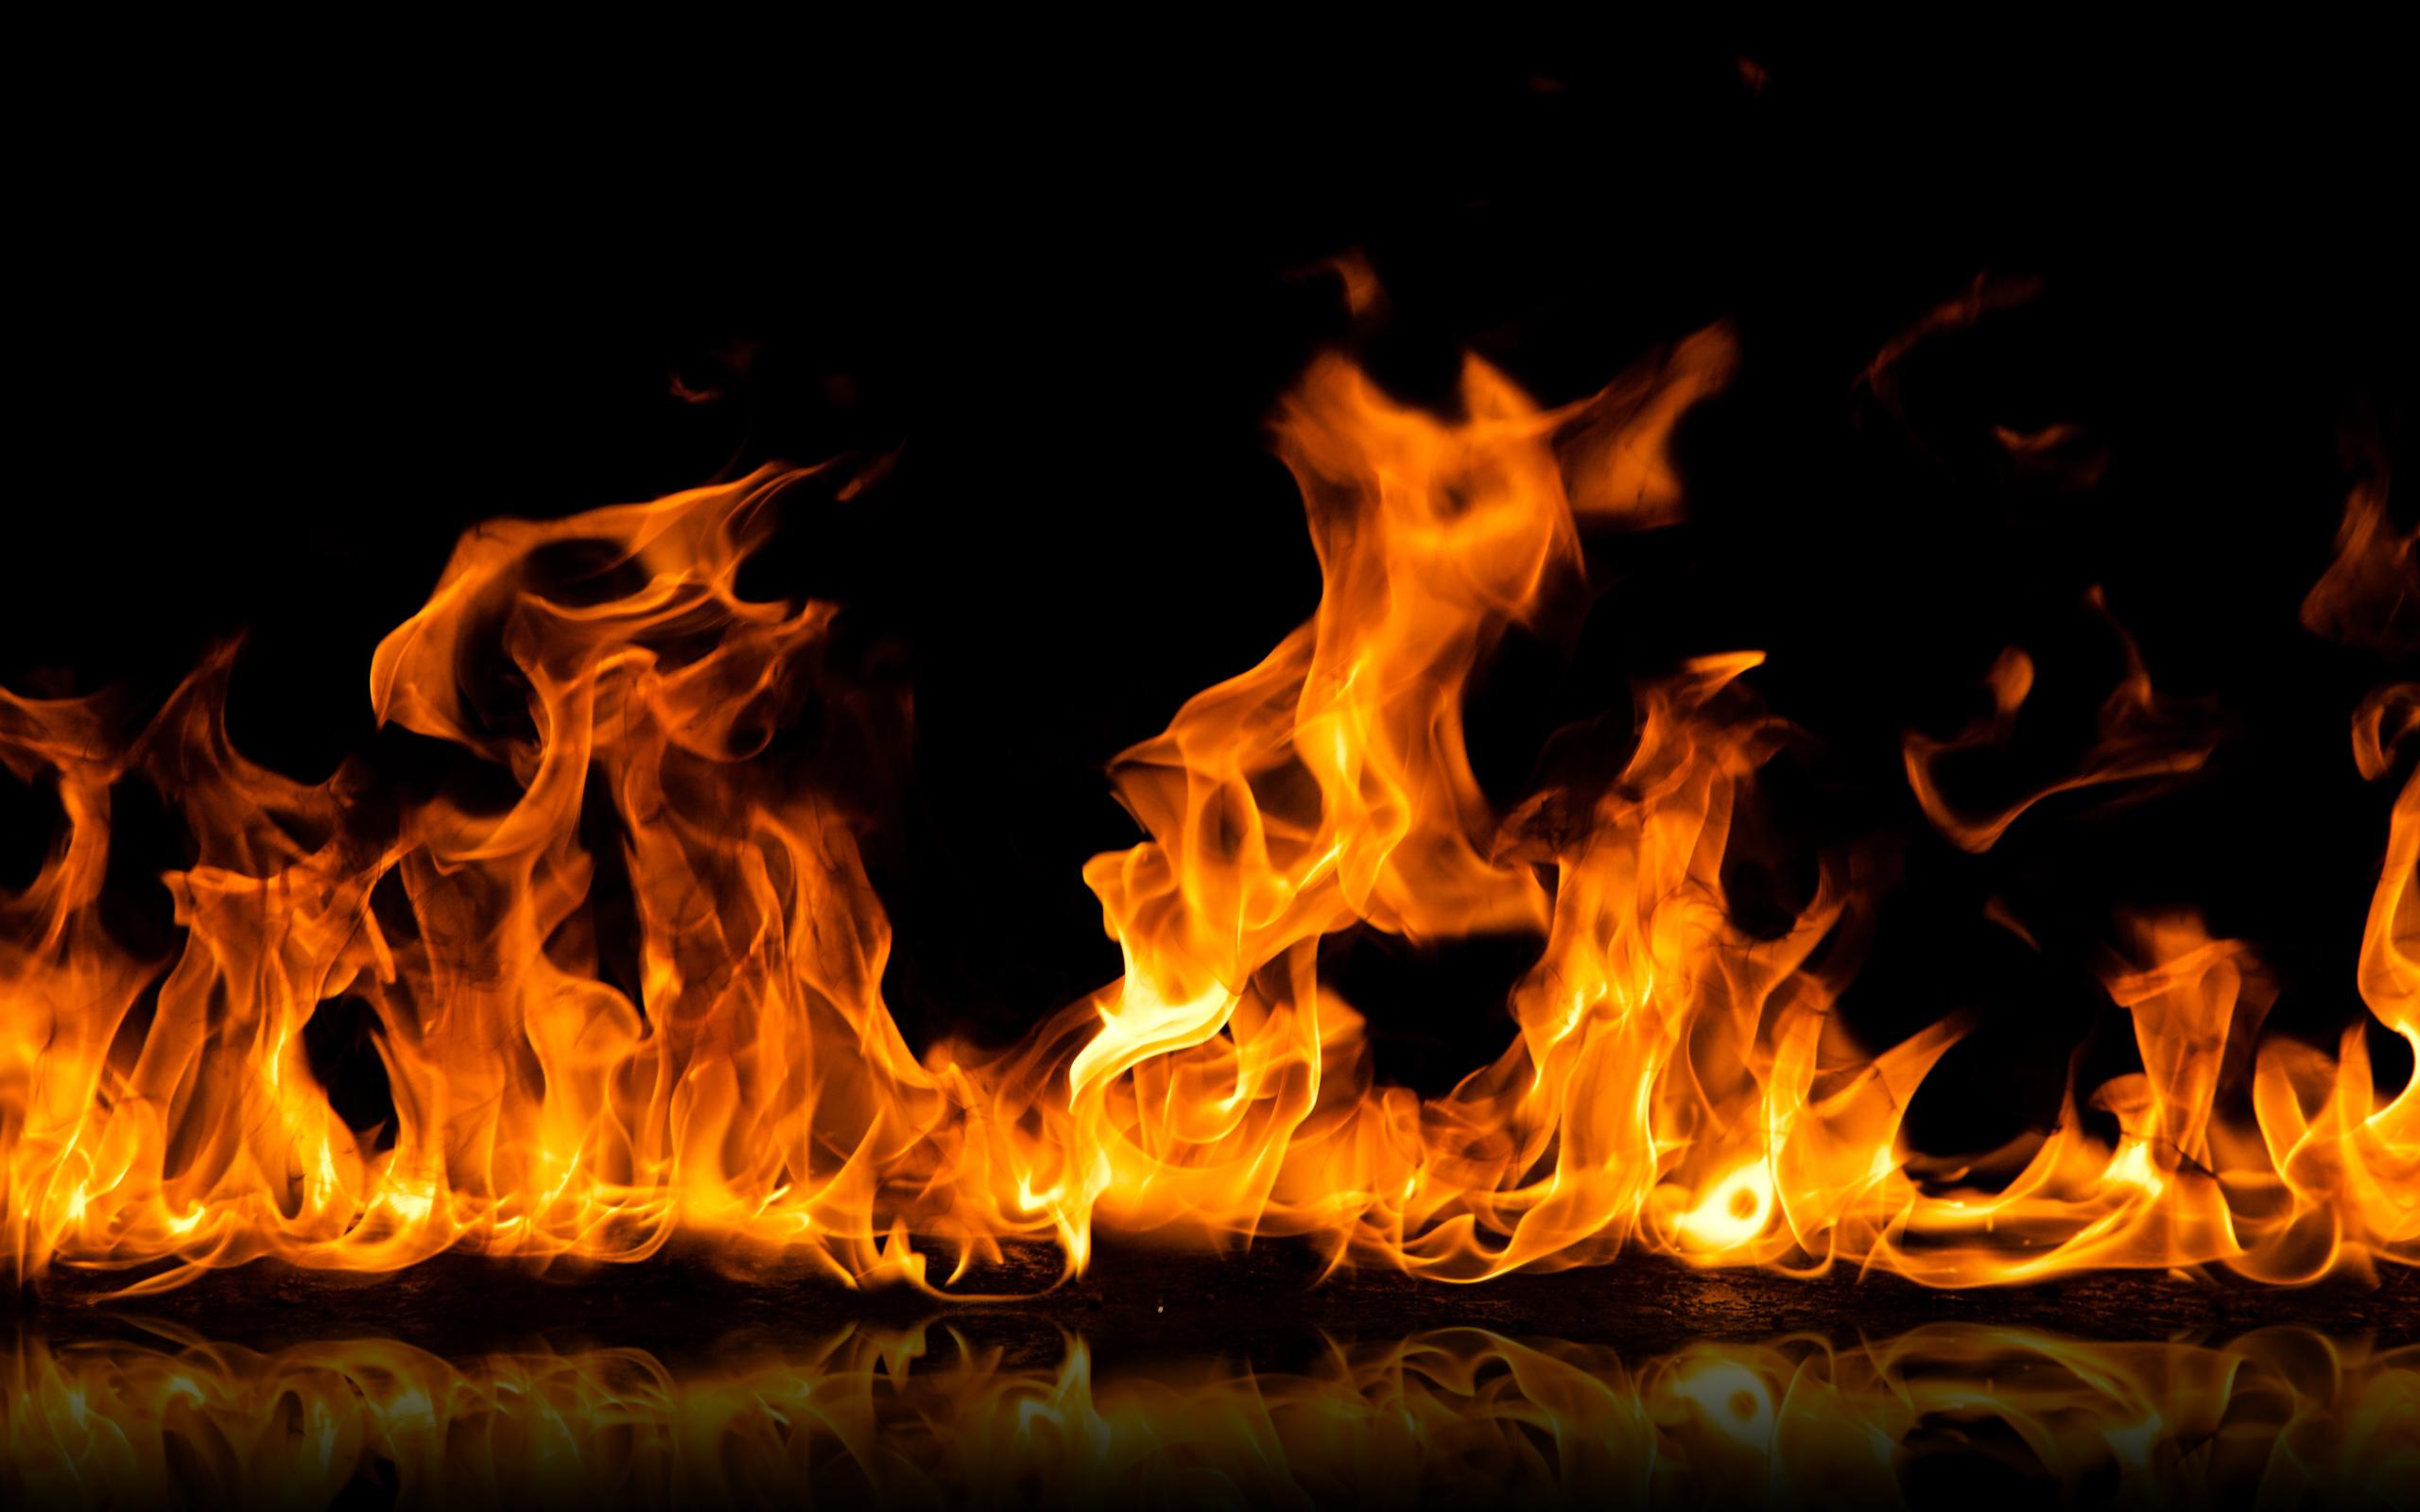 ВВоложинском районе пенсионер скончался, увидев собственный гараж впламени